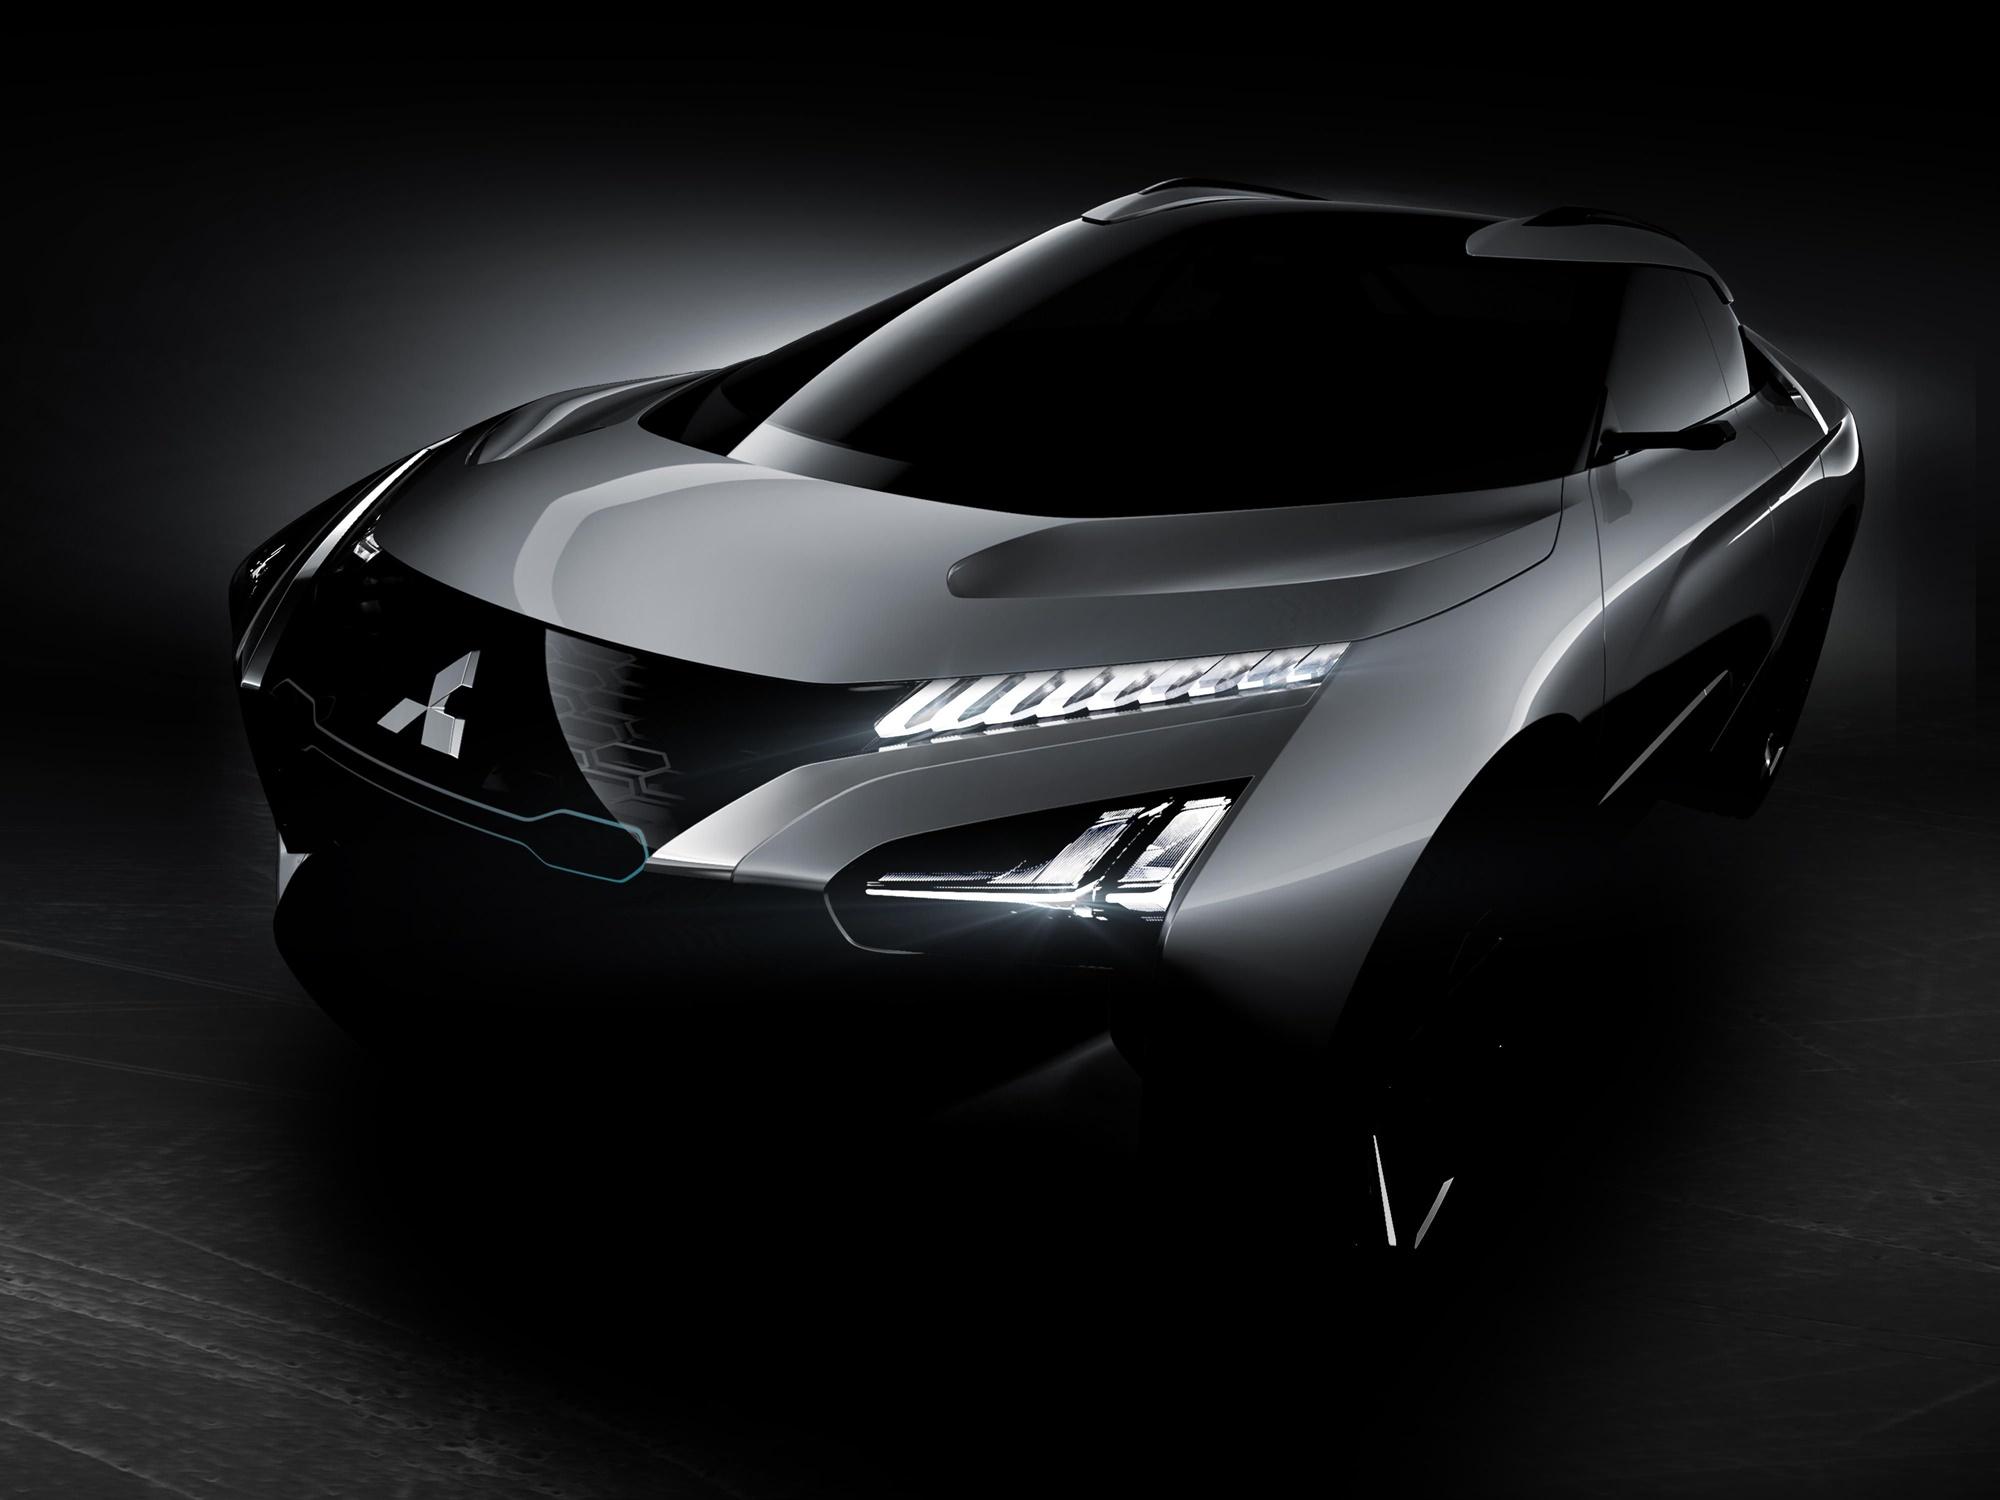 Mitsubishi eevolution